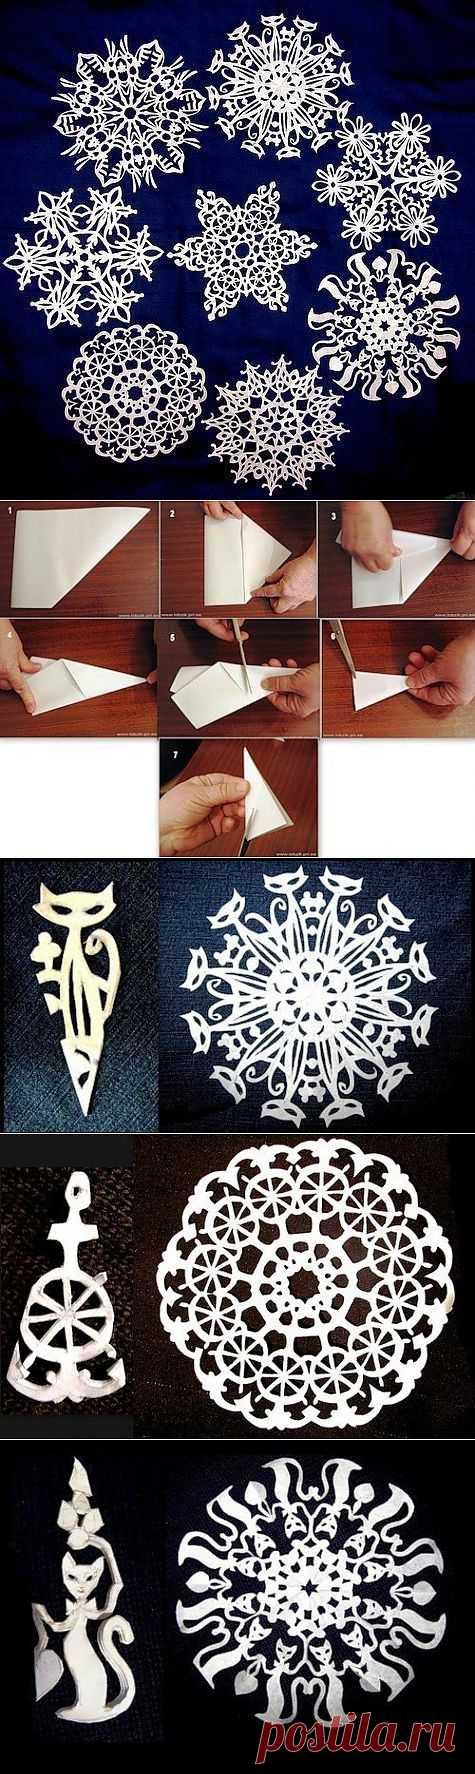 Самых оригинальные снежинки из бумаги.